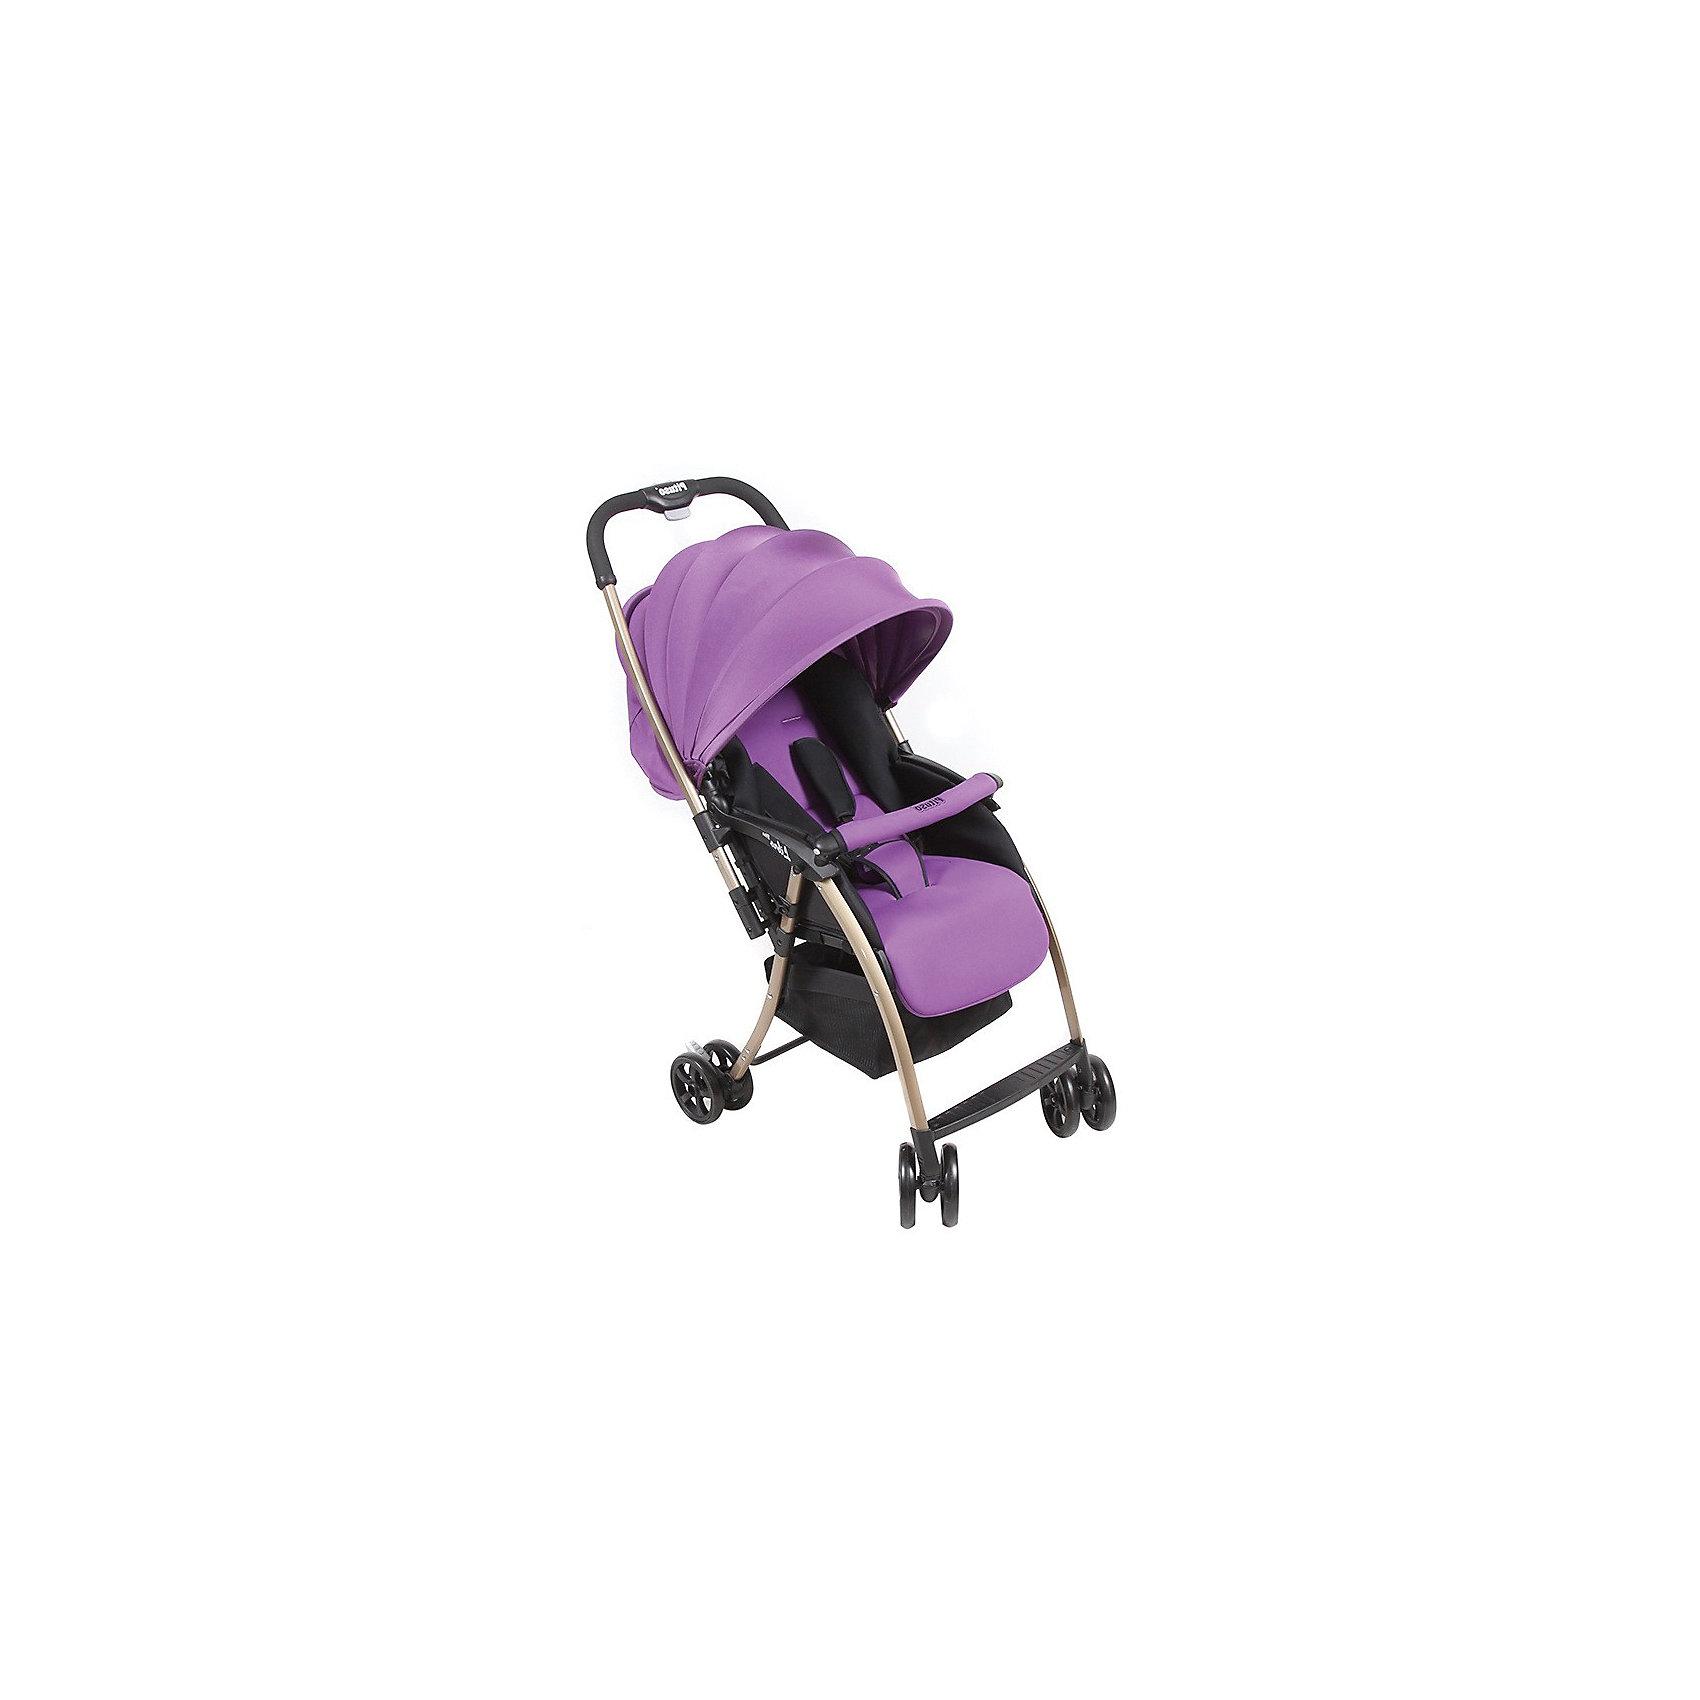 Прогулочная коляска LIBRO PLUS, Pituso, фиолетовыйЯркая удобная коляска-книжка LIBRO PLUS гулять с ребенком, не беспокоясь при этом о его безопасности. Красивый цвет коляски привлечет внимание малыша. Эта модель очень удобна: есть индивидуальный тормоз для каждого колеса, коляска легкая и прочная.<br>Модель очень легко складывается, конструкция  - очень устойчивая. Большой капор может раскладываться до бампера, создавая уютное место для отдыха малыша. Ткань обивки мягкая и приятная на ощупь. Легко моется и быстро сохнет. Модель дополнена 5-точечными ремнями безопасности. Изделие произведено из качественных и безопасных для малышей материалов, оно соответствуют всем современным требованиям безопасности.<br> <br>Дополнительная информация:<br><br>цвет: фиолетовый;<br>материал: металл, пластик, текстиль;<br>механизм складывания книжка;<br>перекидная ручка;<br>больший капор в цвет коляски;<br>регулировка спинки с помощью ремня;<br>индивидуальный тормоз для каждого колеса;<br>черные наплечники;<br>5-ти точечный ремень безопасности с мягкими накладками;<br>жесткое сиденье;<br>съемный бампер;<br>удобный механизм складывания подножки<br>корзина: сетка+ткань;<br>алюминиевая рама с бронзовым покрытием;<br>пластик черного цвета;<br>вес: 6,5 кг;<br>размер в разложенном состоянии: 75x45x101 см.<br><br>Прогулочная коляска LIBRO PLUS, фиолетовый, от компании Pituso можно купить в нашем магазине.<br><br>Ширина мм: 750<br>Глубина мм: 450<br>Высота мм: 1100<br>Вес г: 6500<br>Возраст от месяцев: 7<br>Возраст до месяцев: 36<br>Пол: Унисекс<br>Возраст: Детский<br>SKU: 4720006